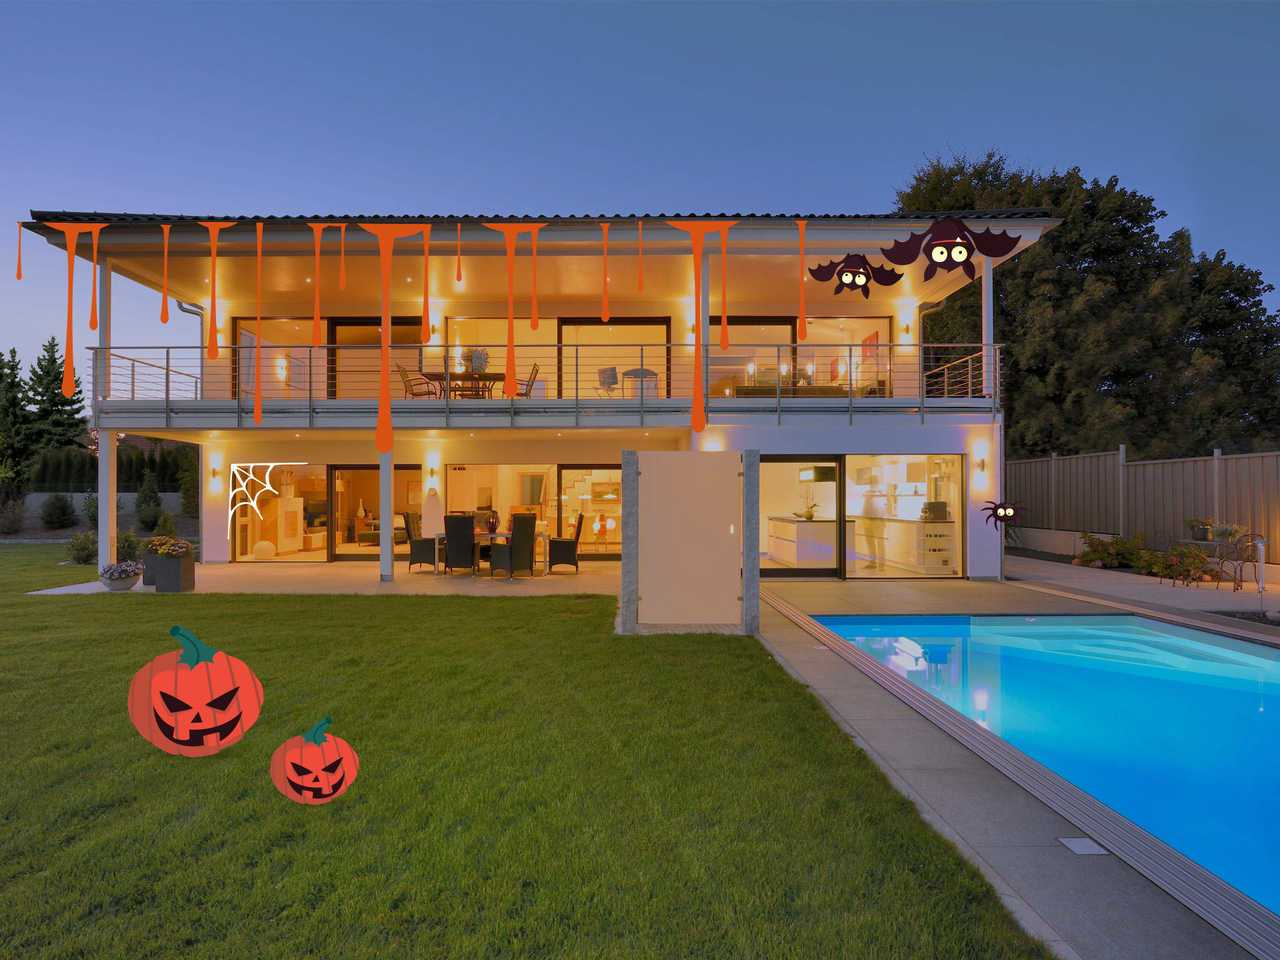 Stadtvilla Riederle Halloween